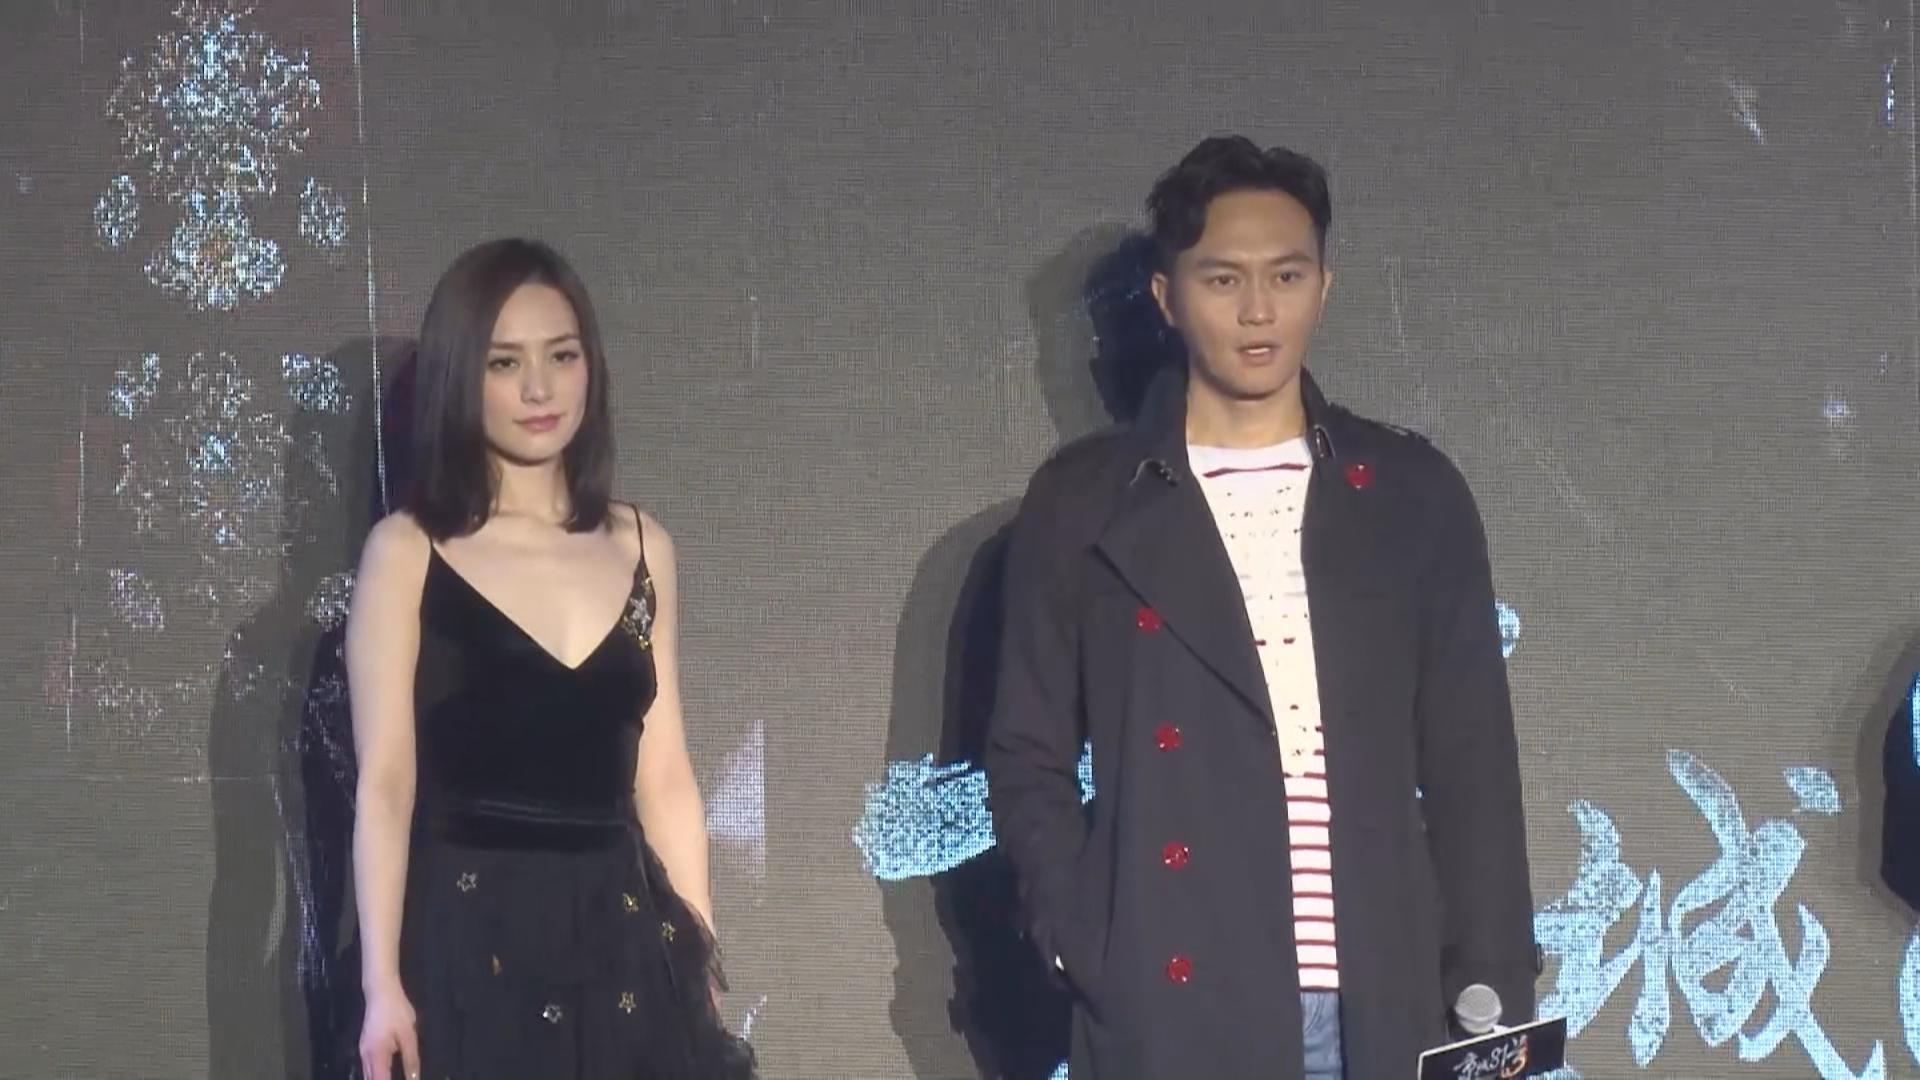 與鍾欣潼北京宣傳新戲 張智霖自爆普通話不靈光